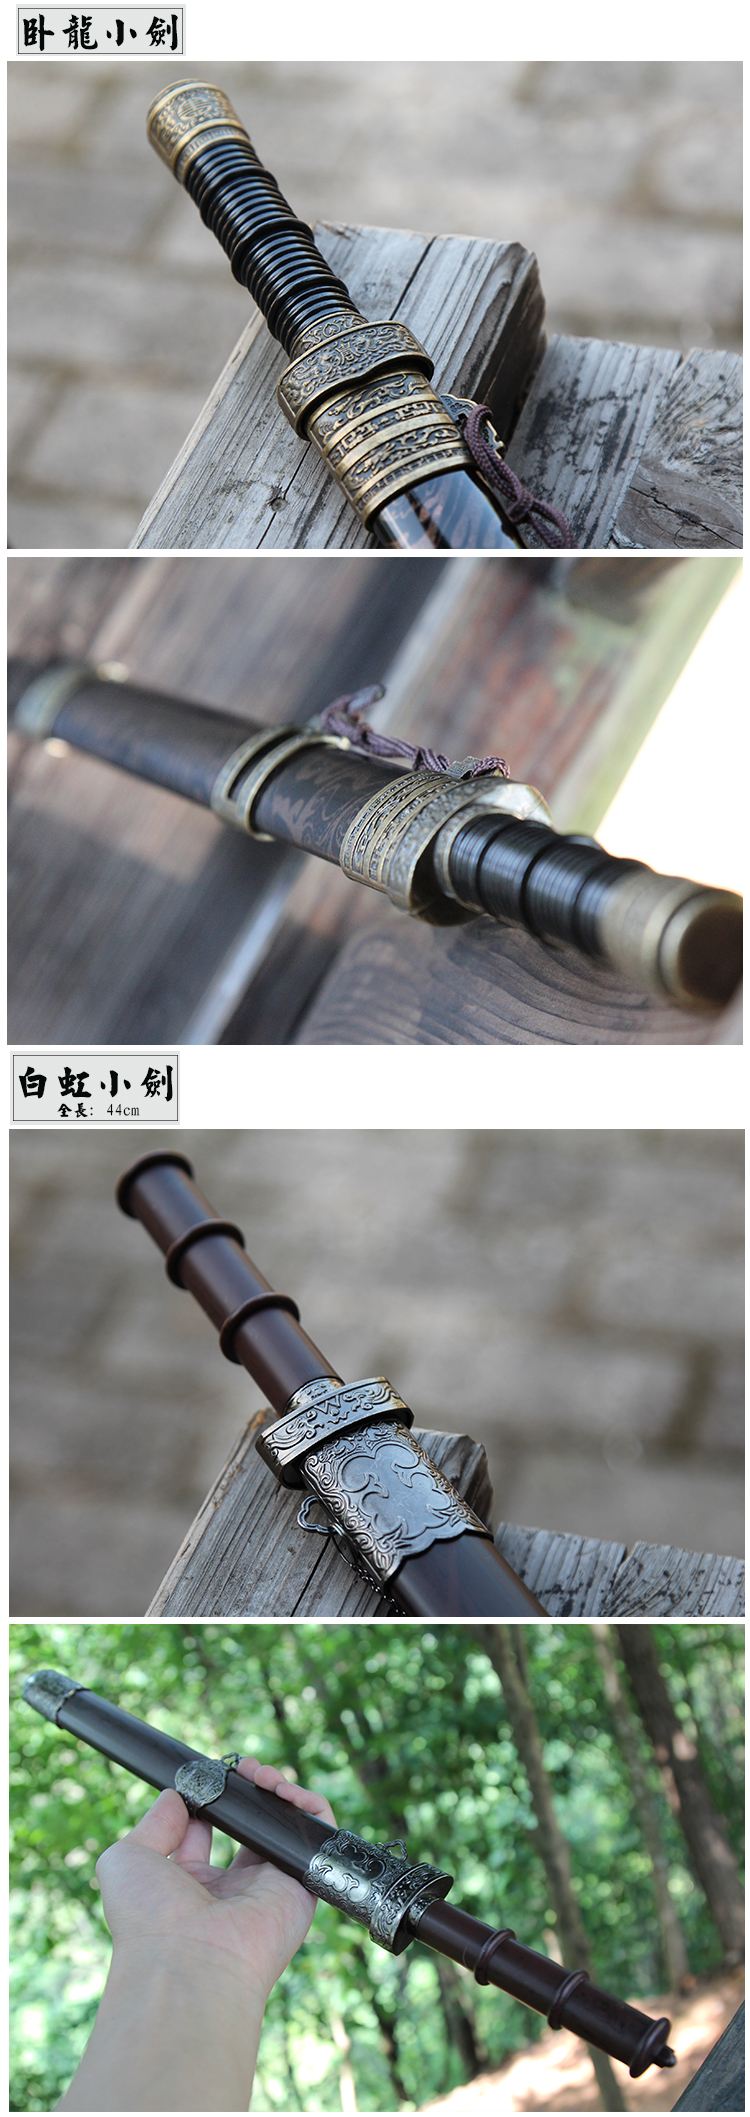 pequena espada curta antiga han pequena espada não é afiado para crianças ou